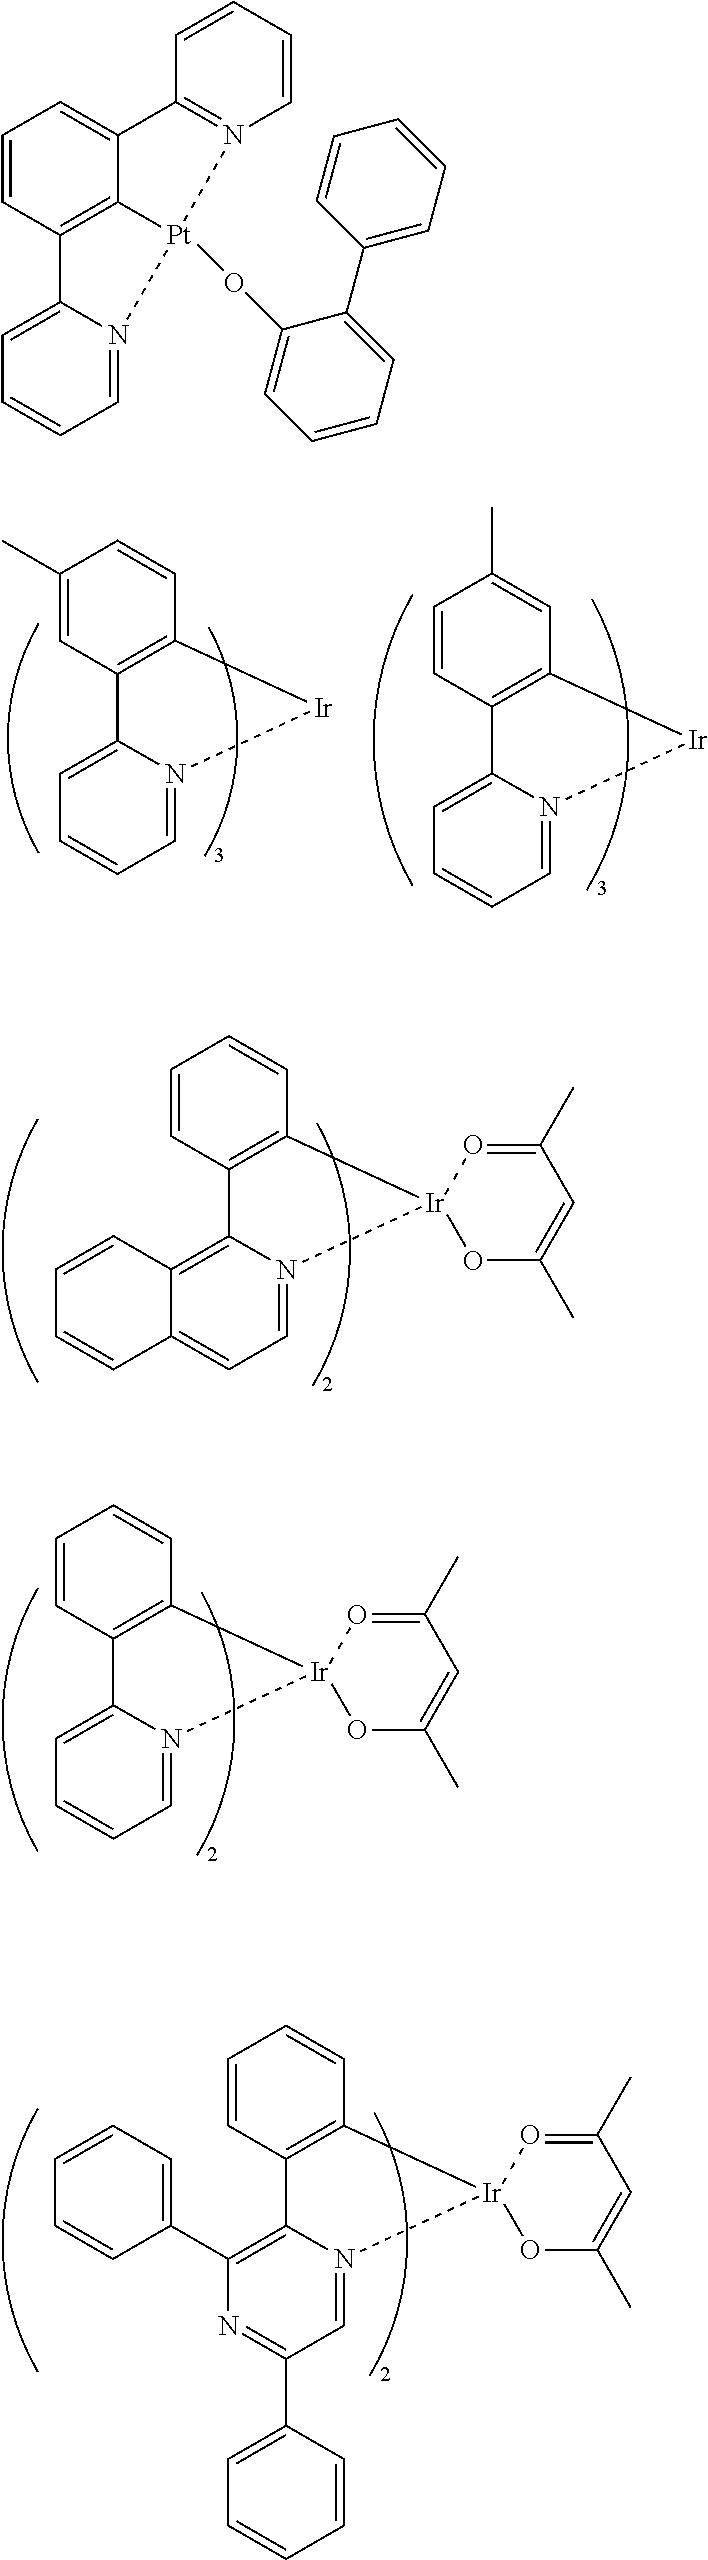 Figure US09837615-20171205-C00092